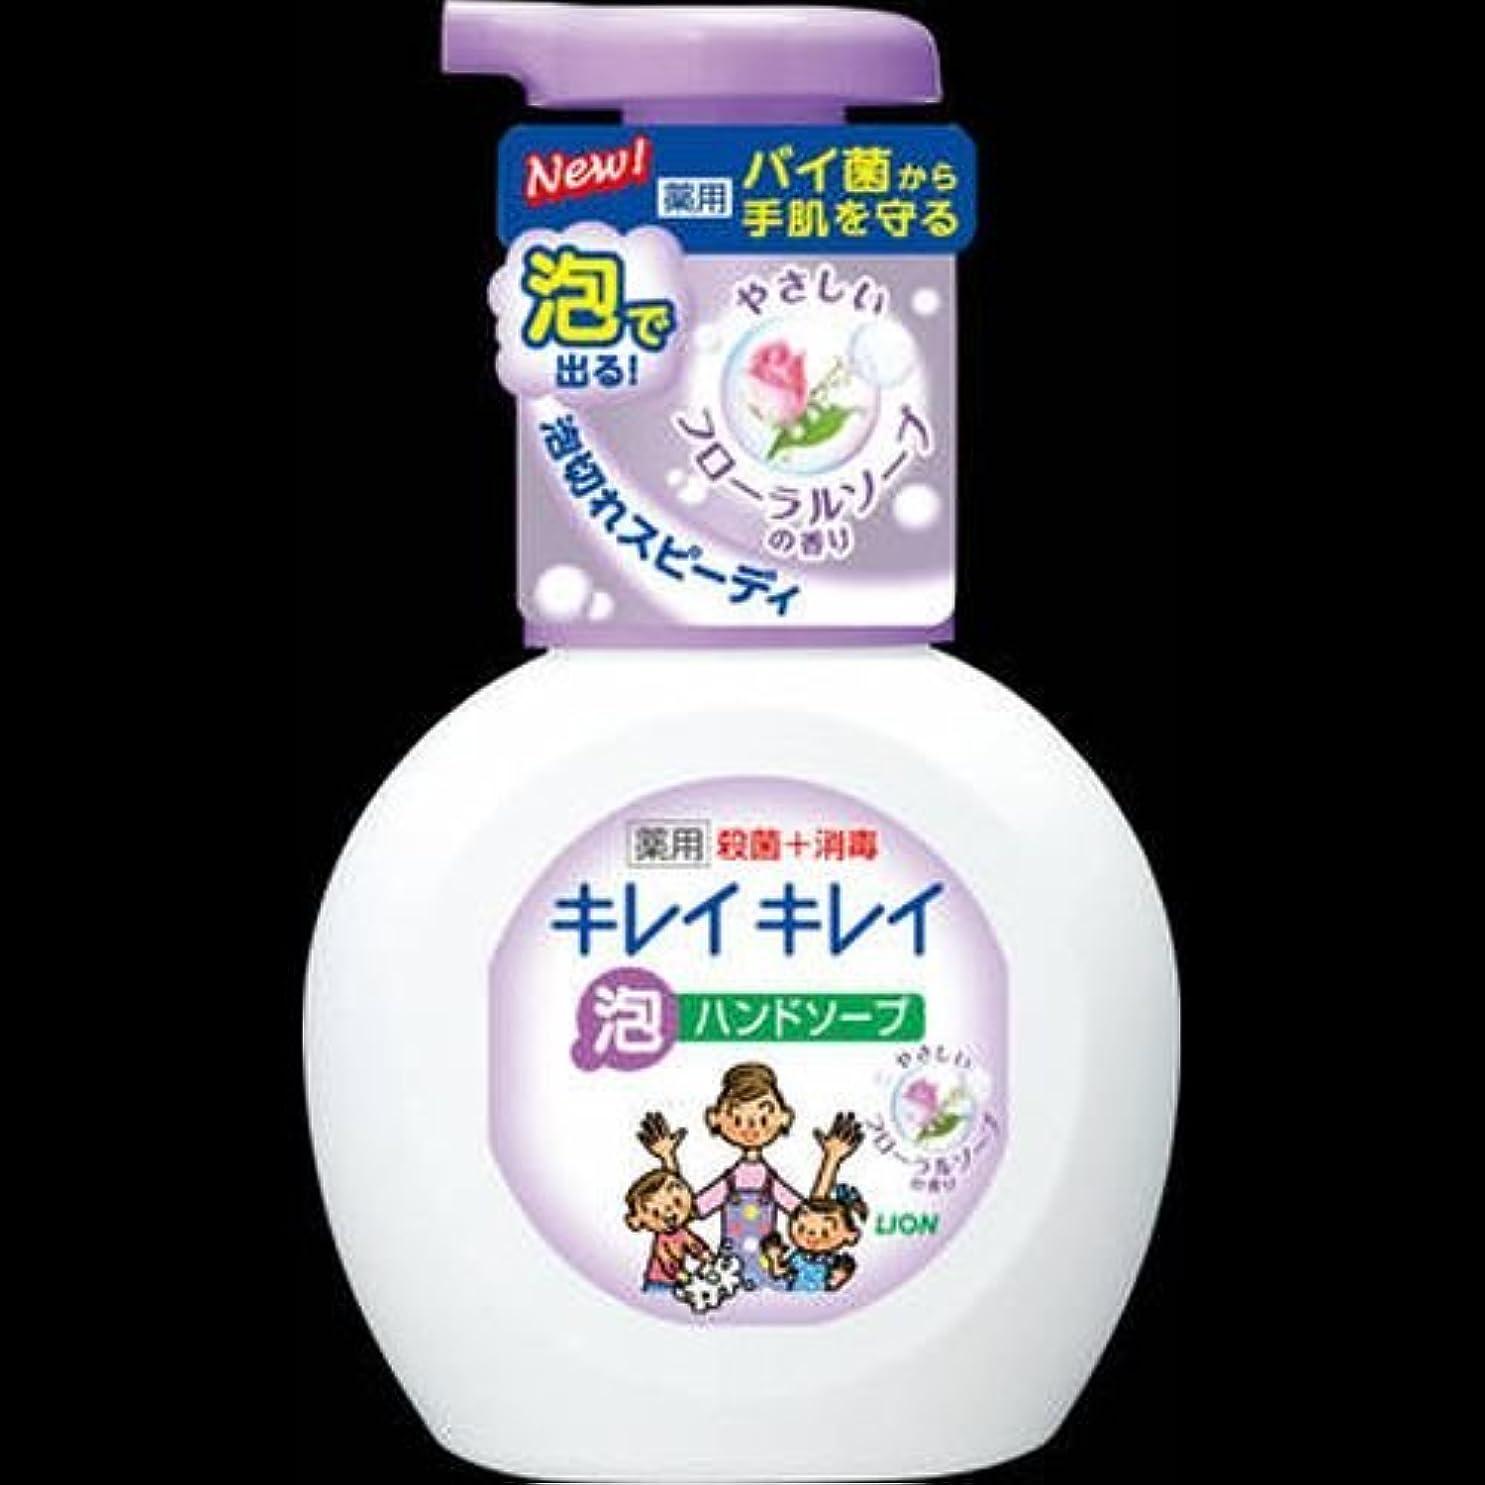 ブラザーかかわらず小数キレイキレイ 薬用泡ハンドソープ フローラルソープの香り ポンプ 250mL ×2セット